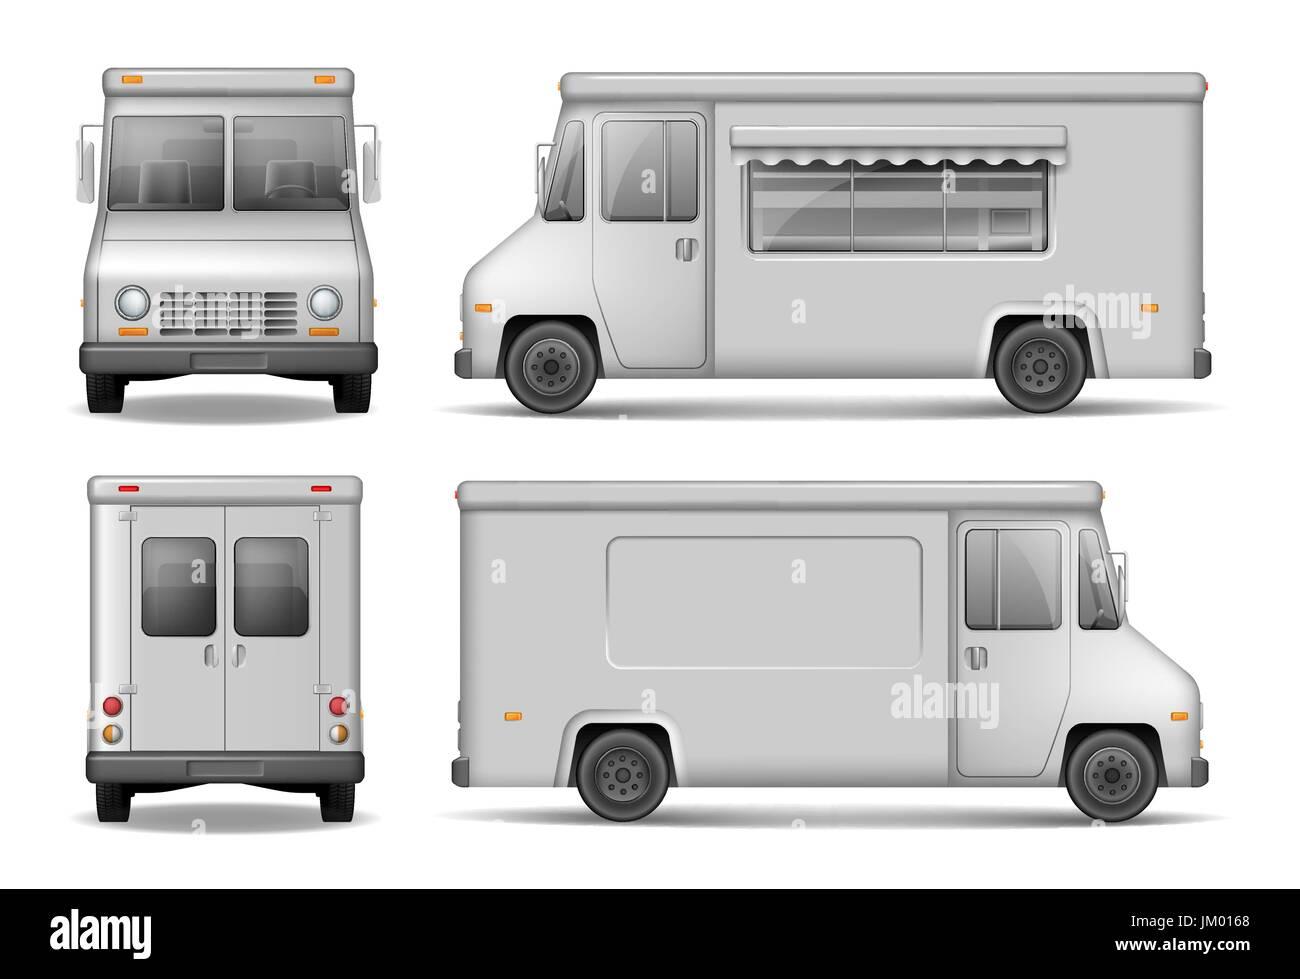 Lebensmittel Truck Vektor Vorlage für Autowerbung. Service ...